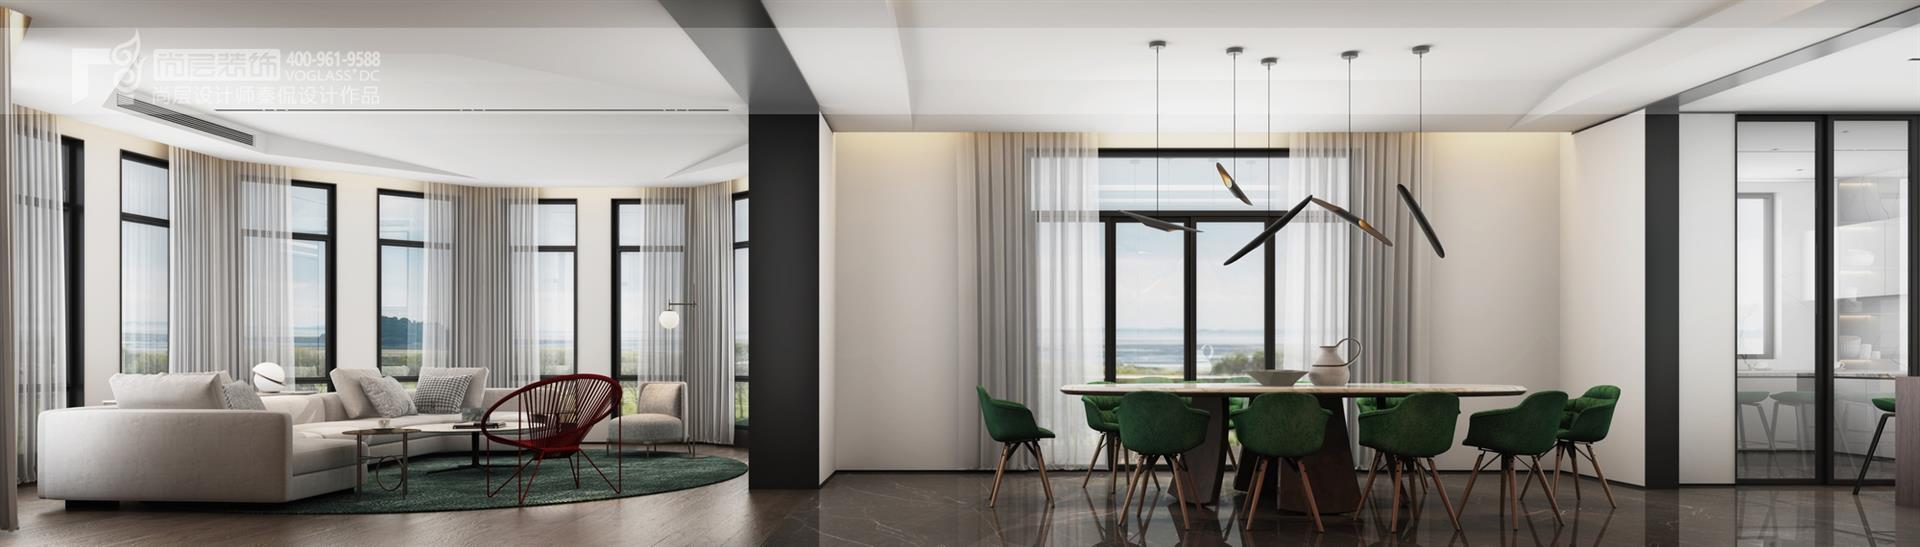 紫都晶园580平方米中国现代风格别墅装修设计案例